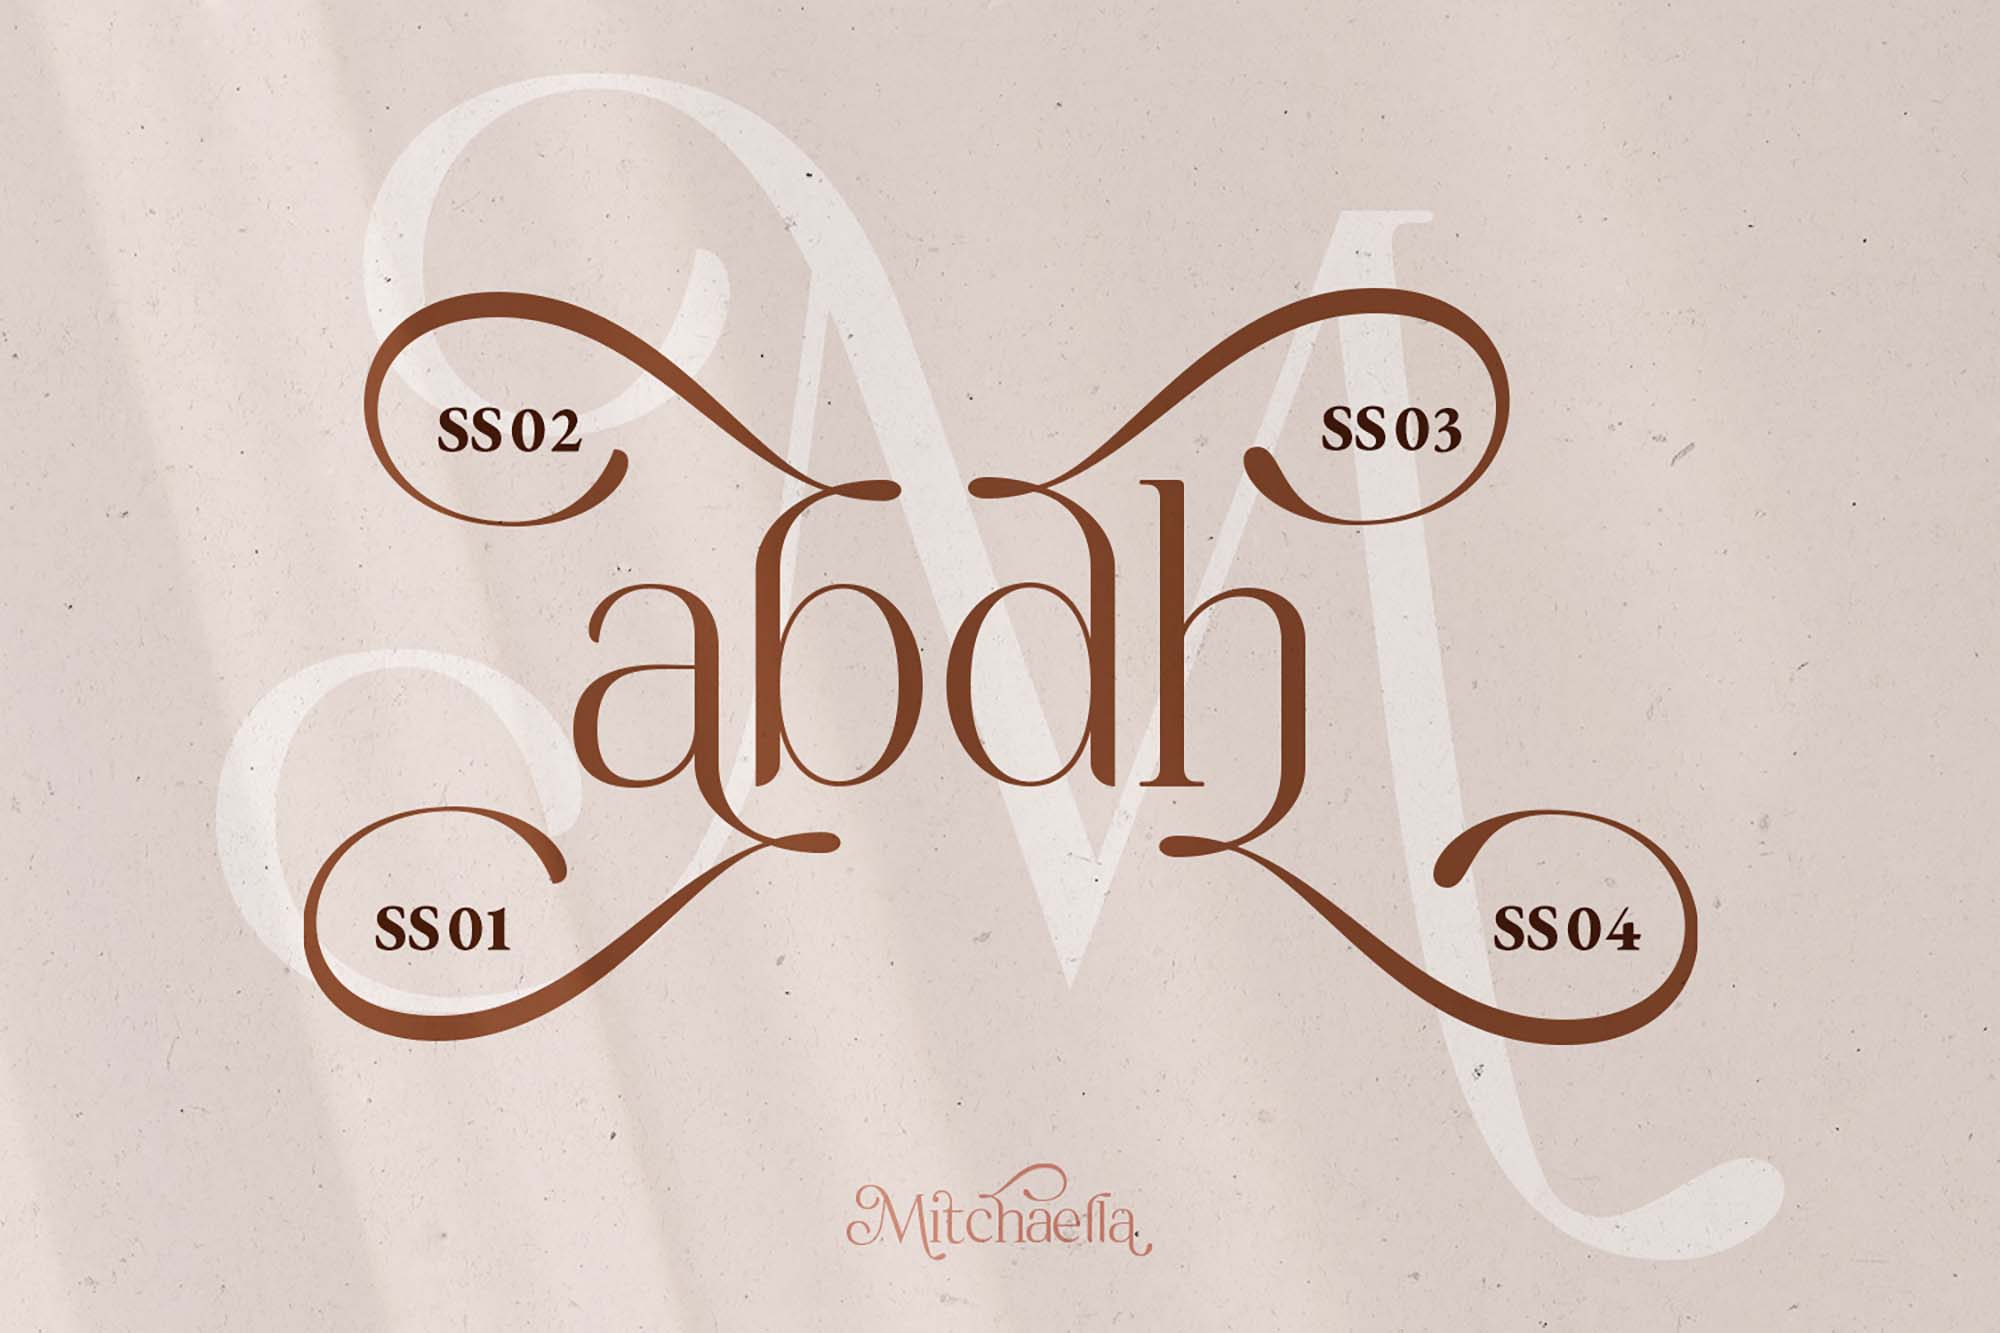 Mitchaella Serif Font 11